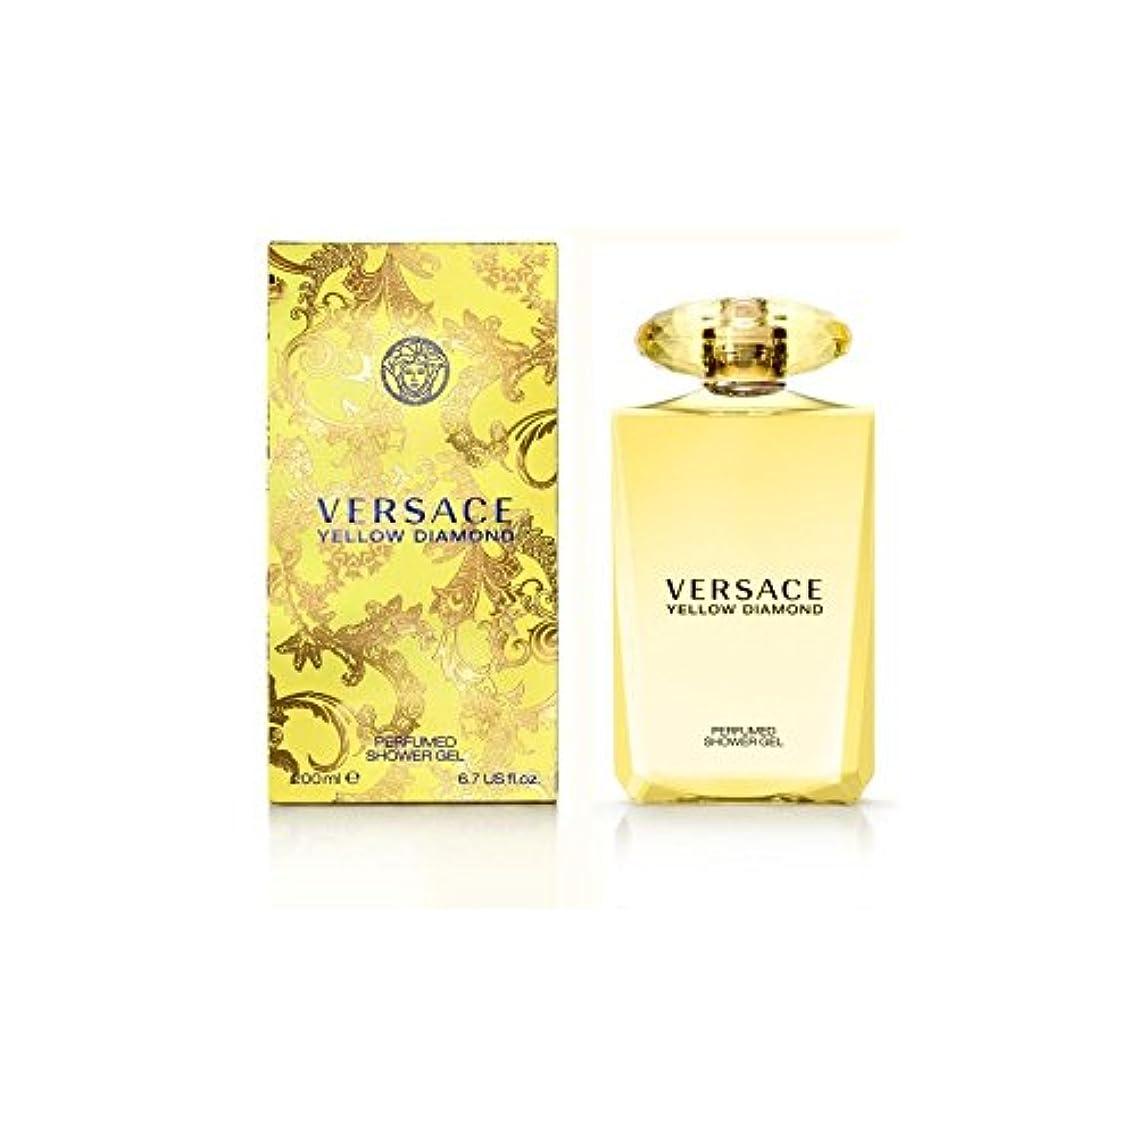 ジェム平方下手ヴェルサーチ黄色のダイヤモンドバス&シャワージェル200 x2 - Versace Yellow Diamond Bath & Shower Gel 200ml (Pack of 2) [並行輸入品]